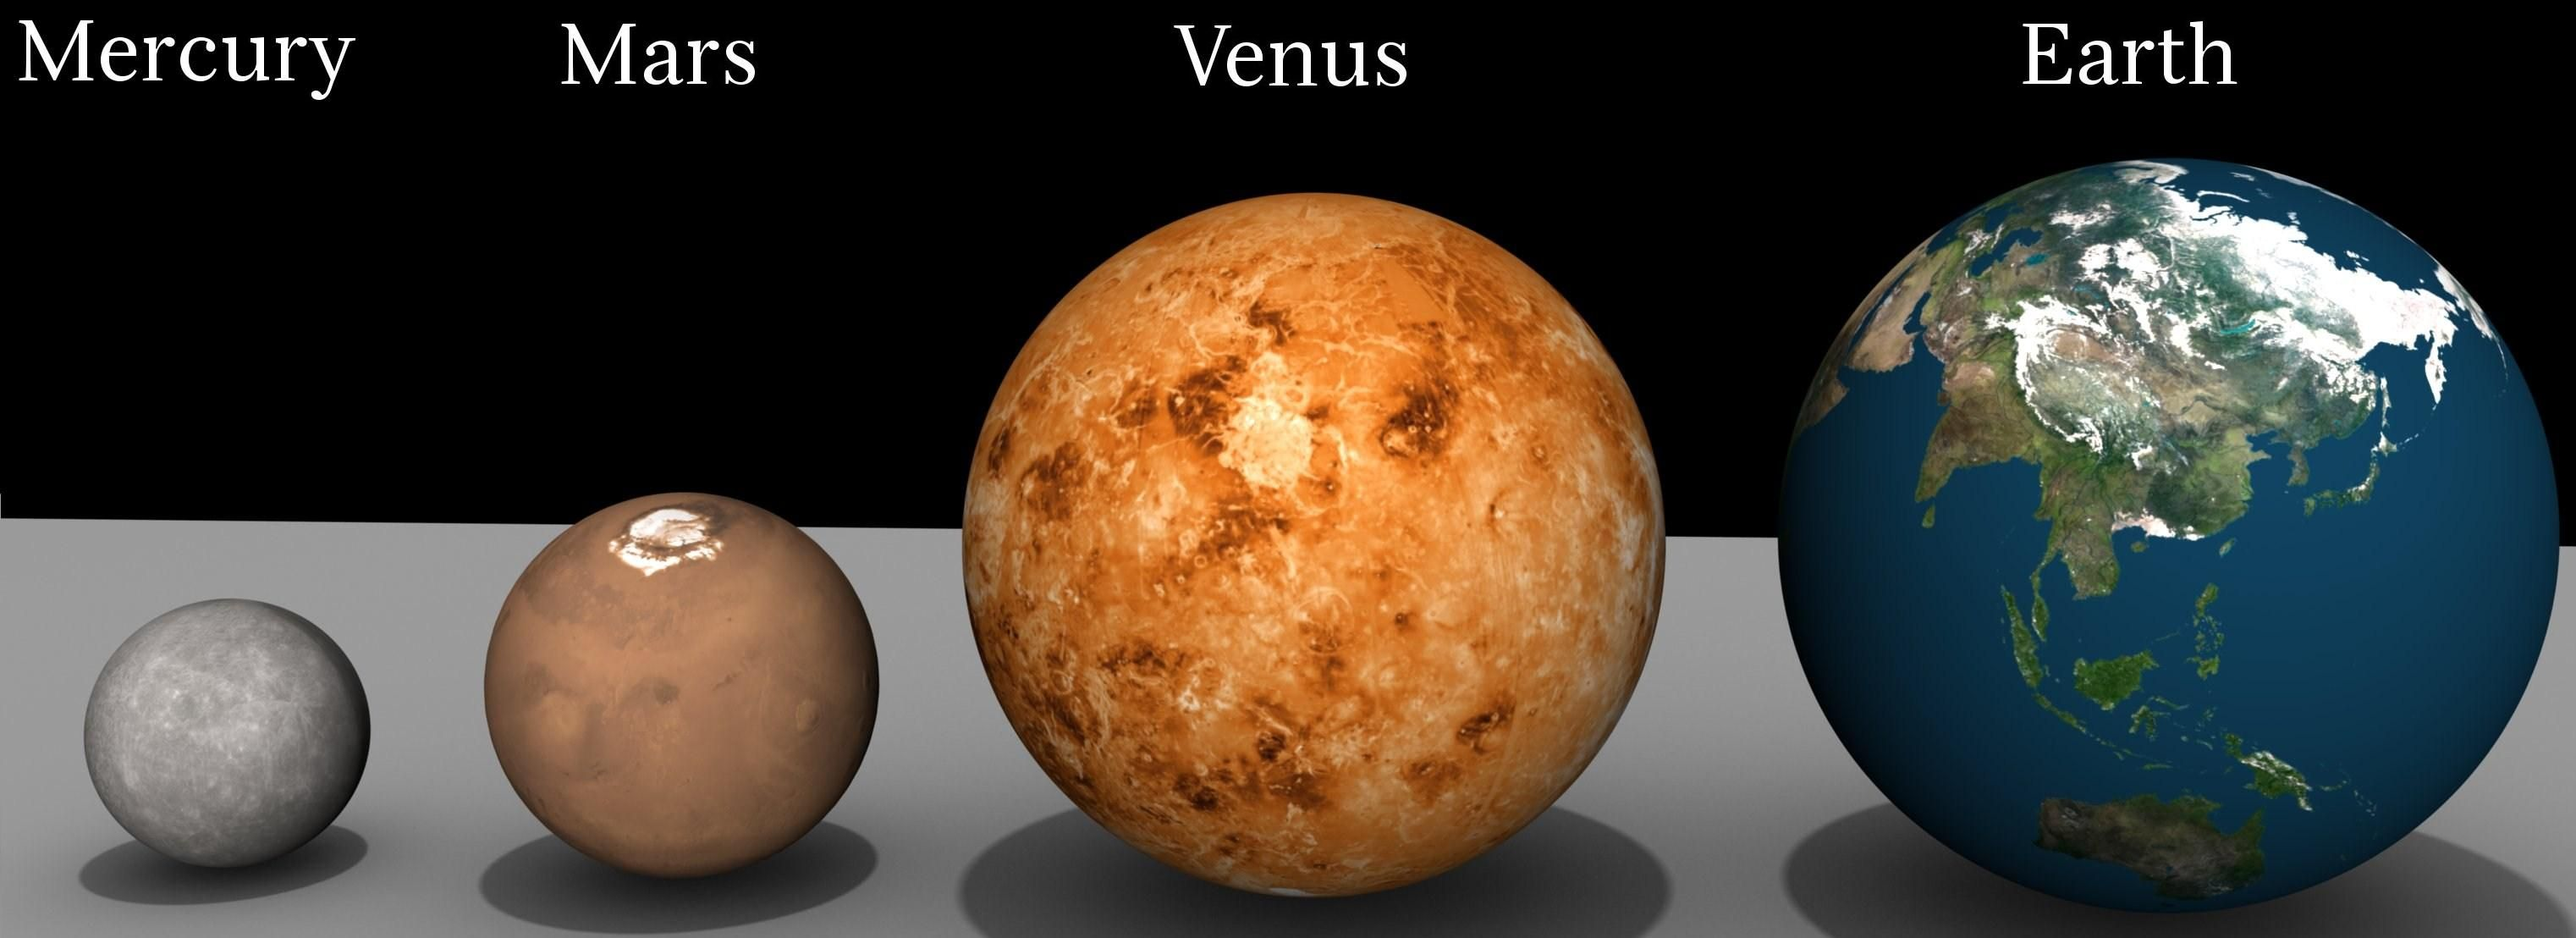 картинки меркурий венера земля марс потолки